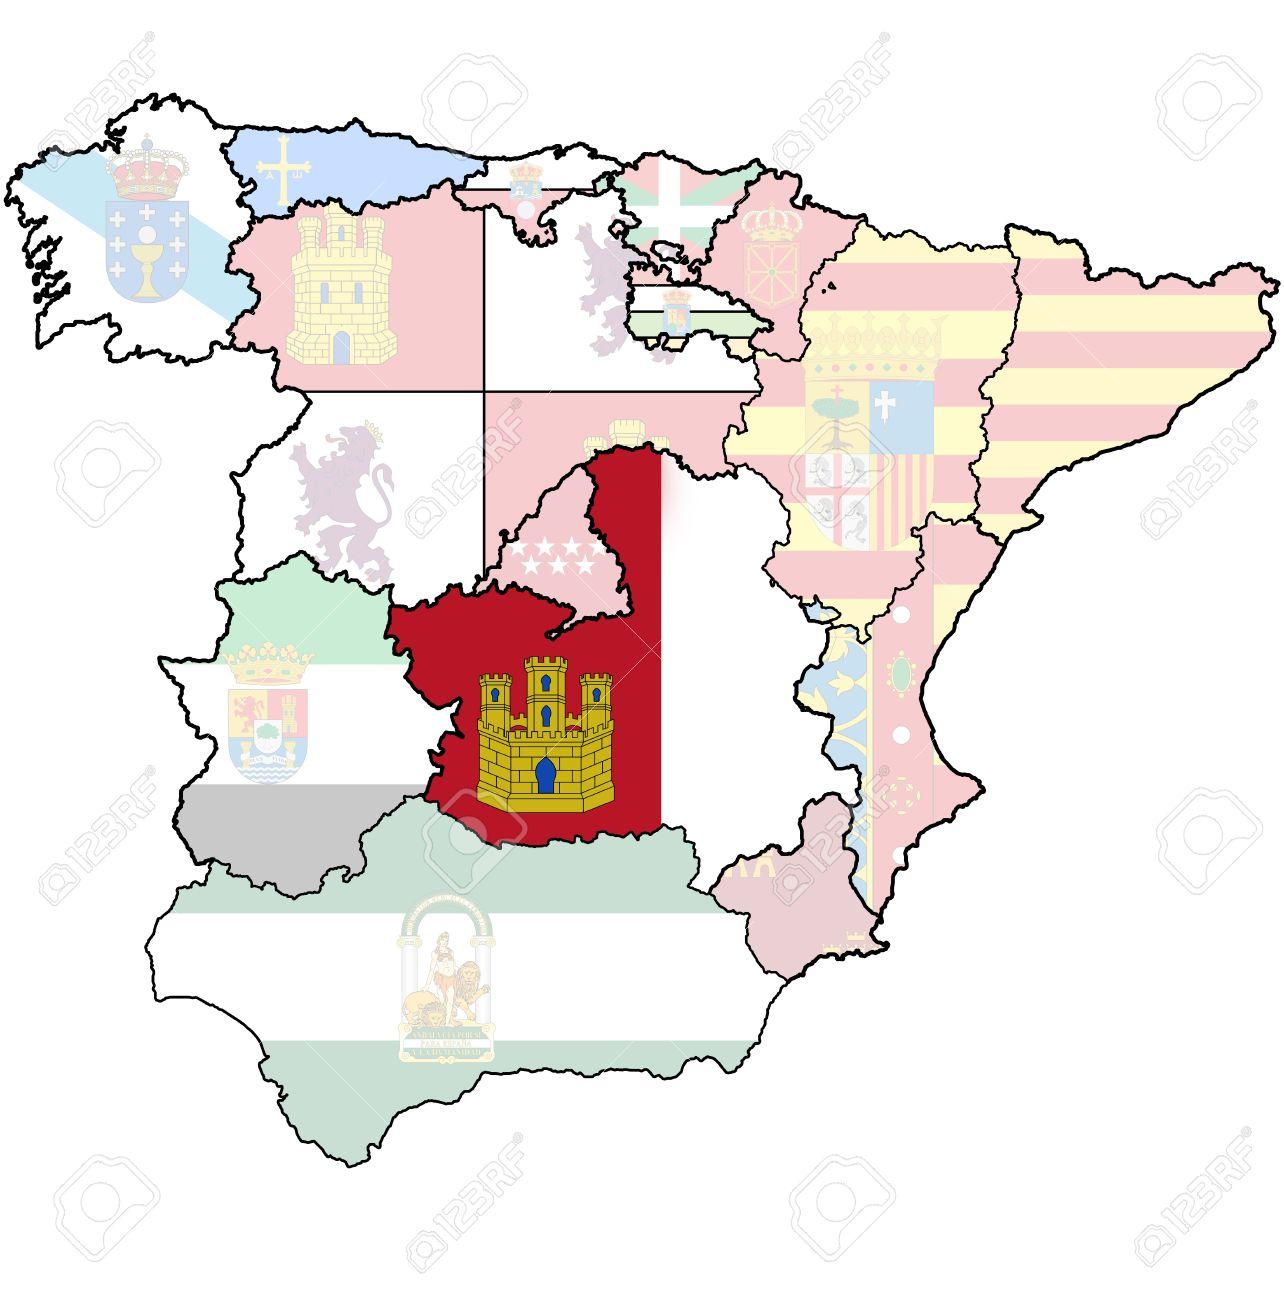 Map Of Spain La Mancha.Castille La Mancha Region On Administration Map Of Regions Of